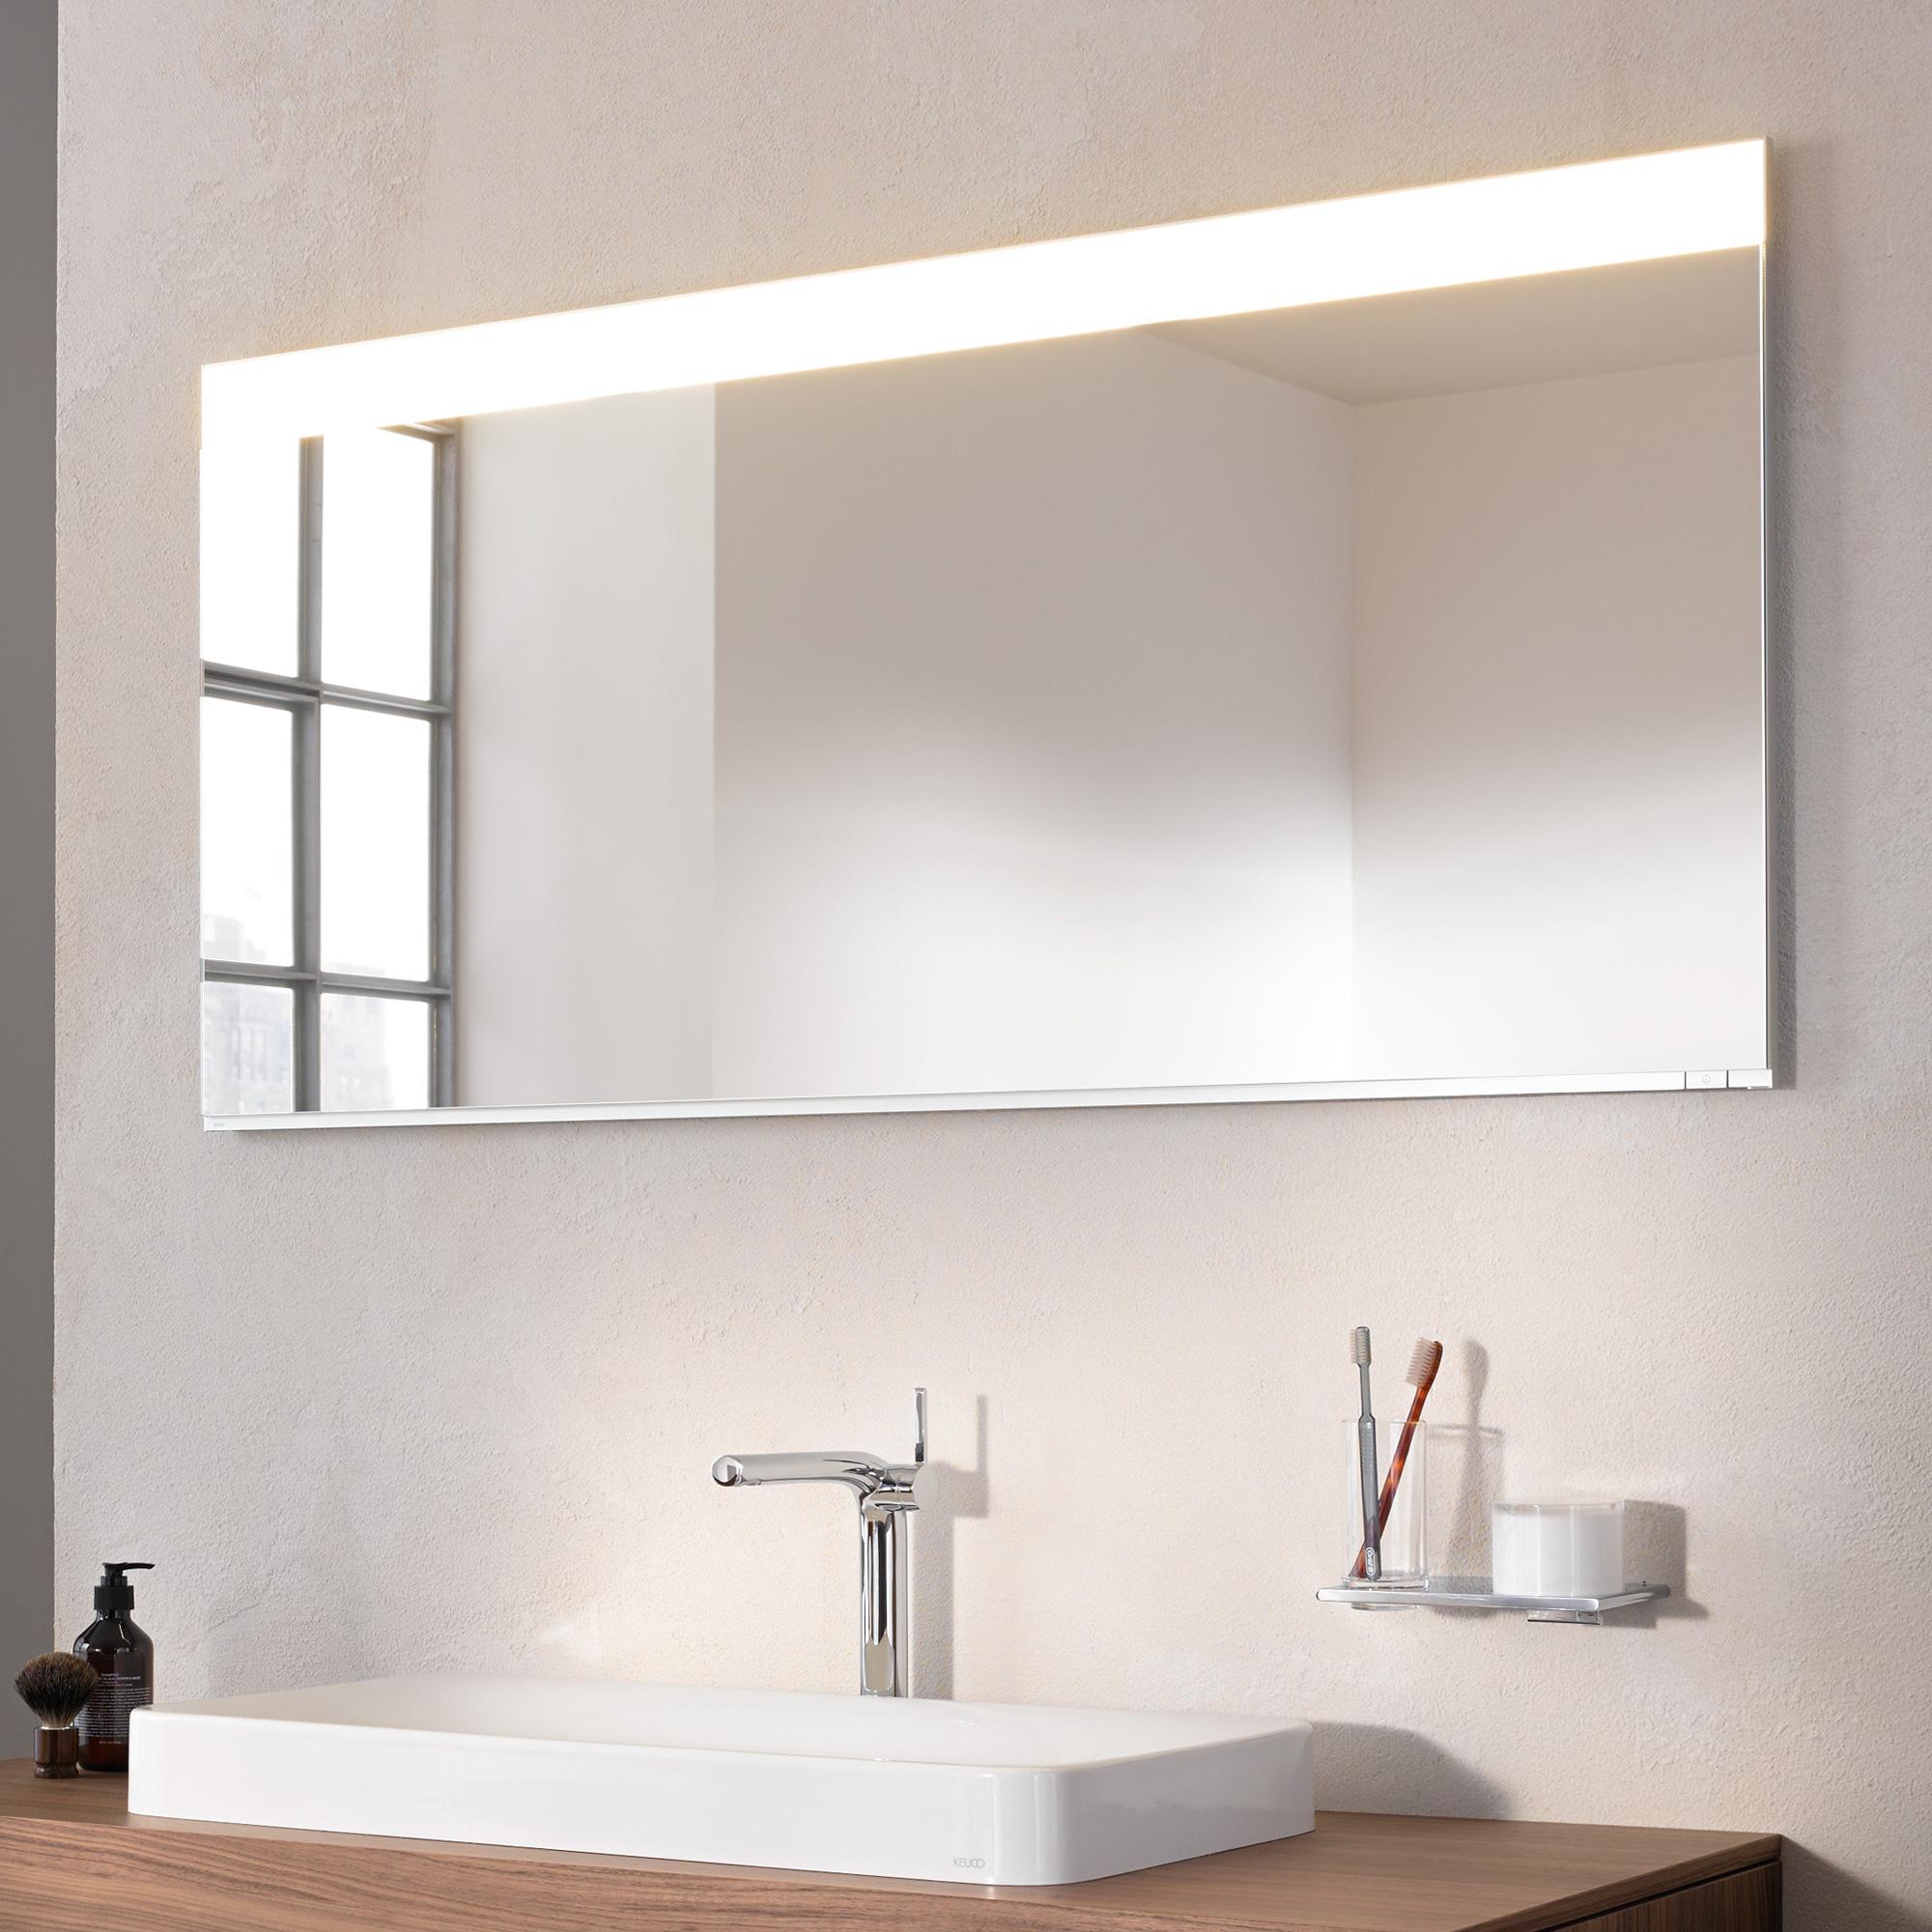 keuco edition 400 led lichtspiegel 11597172500 reuter onlineshop. Black Bedroom Furniture Sets. Home Design Ideas